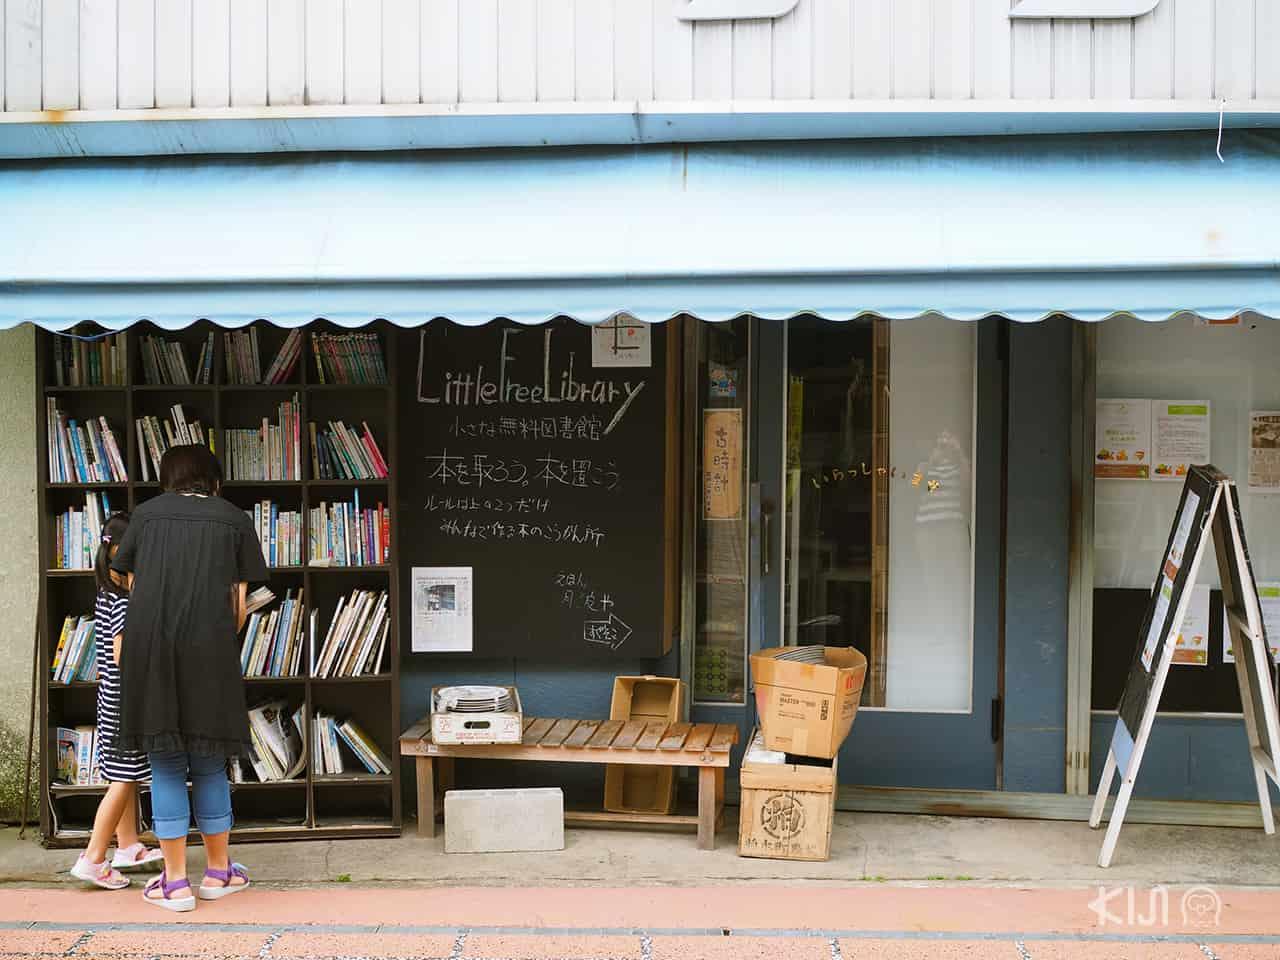 ตามรอยภาพยนตร์ 'ปาฏิหาริย์ร้านชำของคุณนามิยะ' ที่บุงโกะทาคาดะ (Bungotakada)